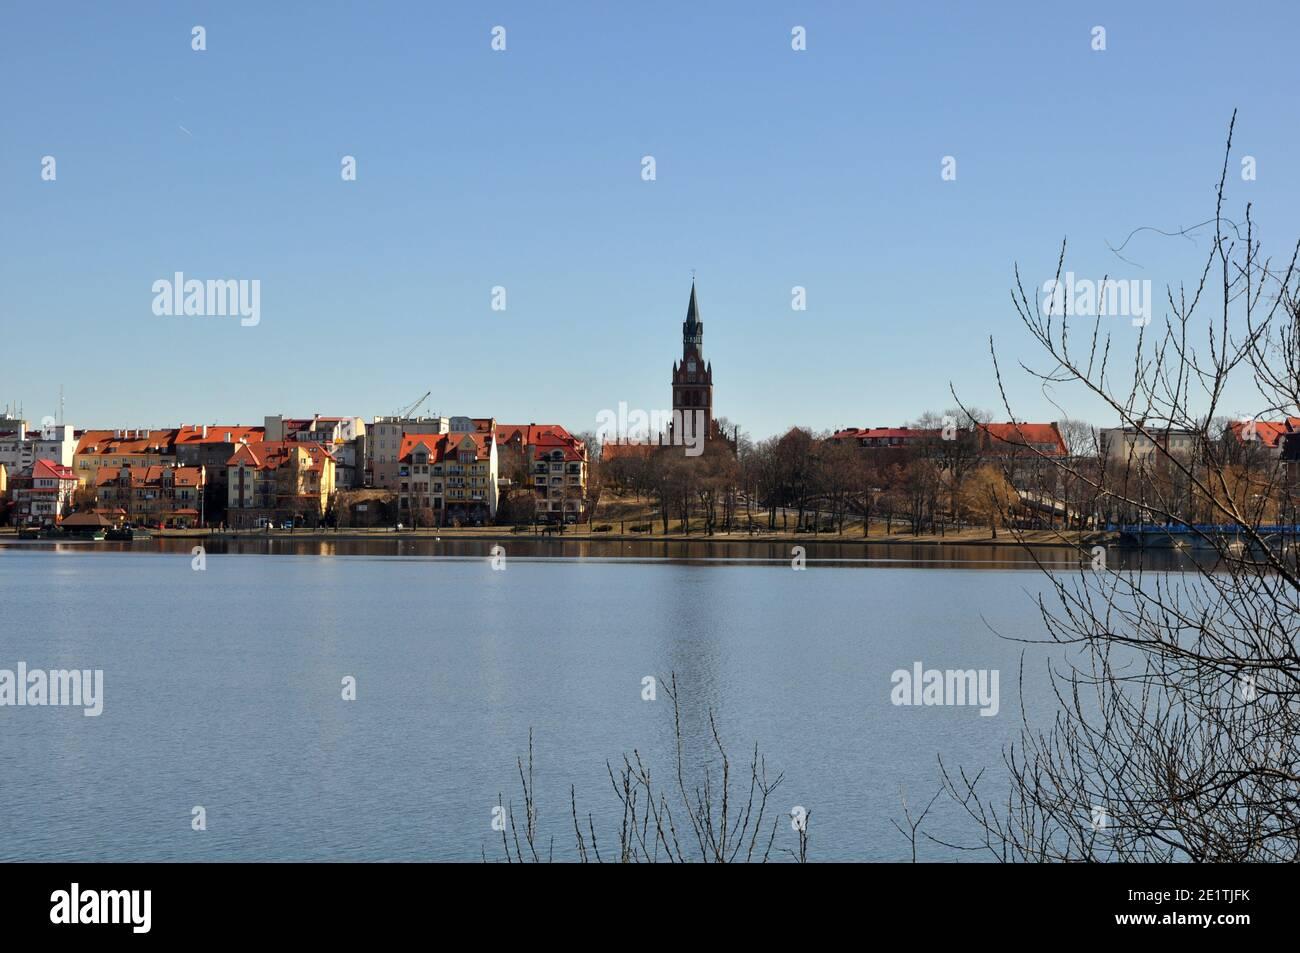 Vista panorámica de la ciudad de Ełk en el Distrito de los Lagos de Masuria en Polonia. Foto de stock